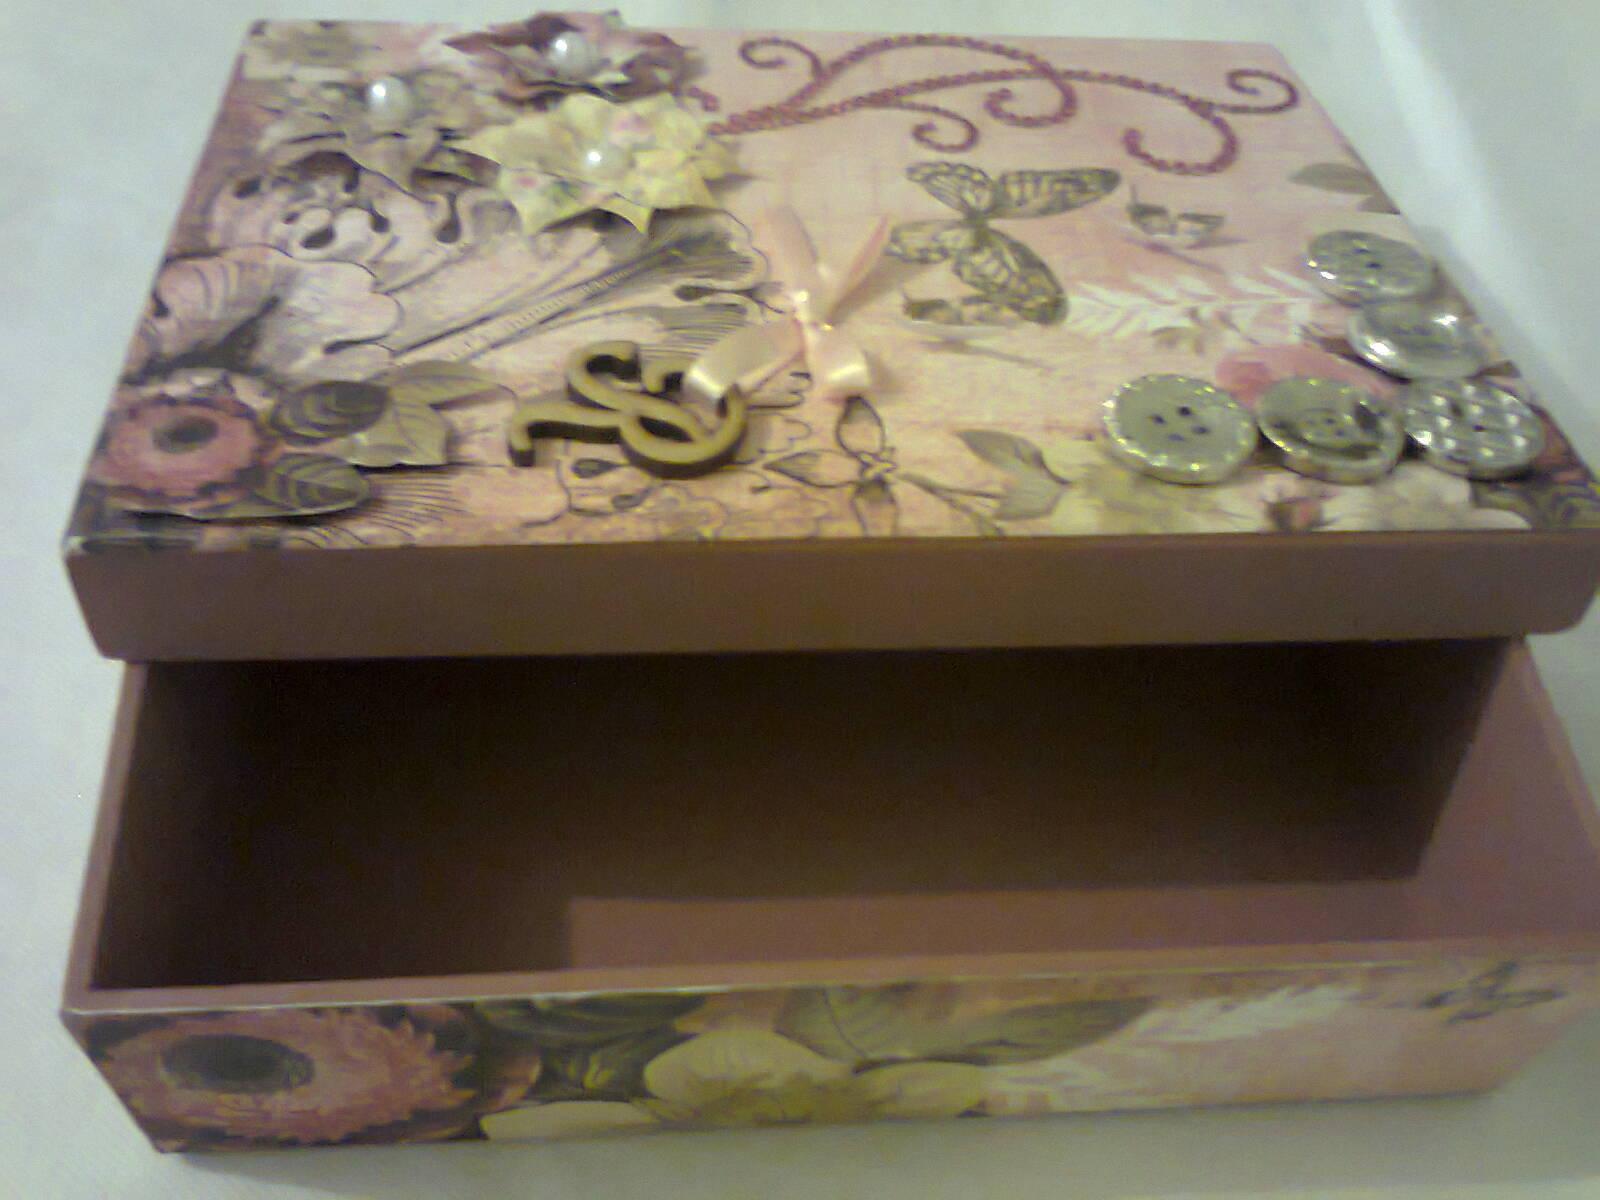 Caixa de madeira em scrapbook Caixa de madeira em scrapbook Caixa de  #33271C 1600x1200